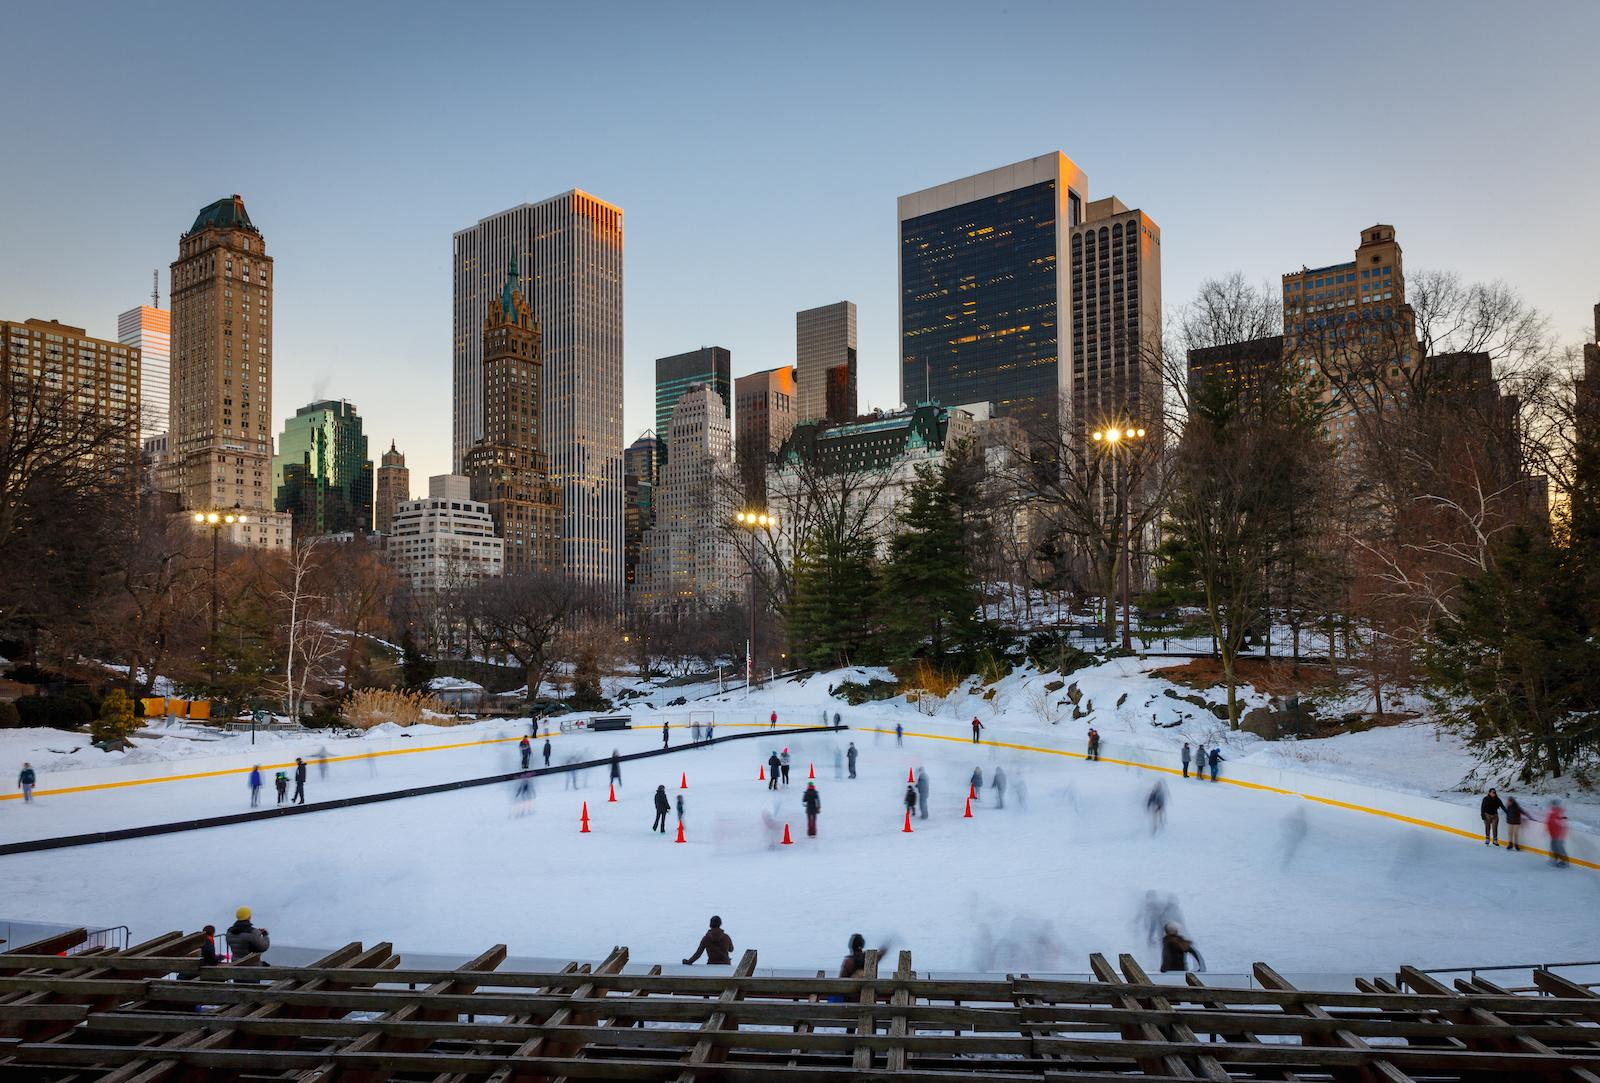 Nueva York en febrero de 2018 ¡Los mejores eventos y actividades!